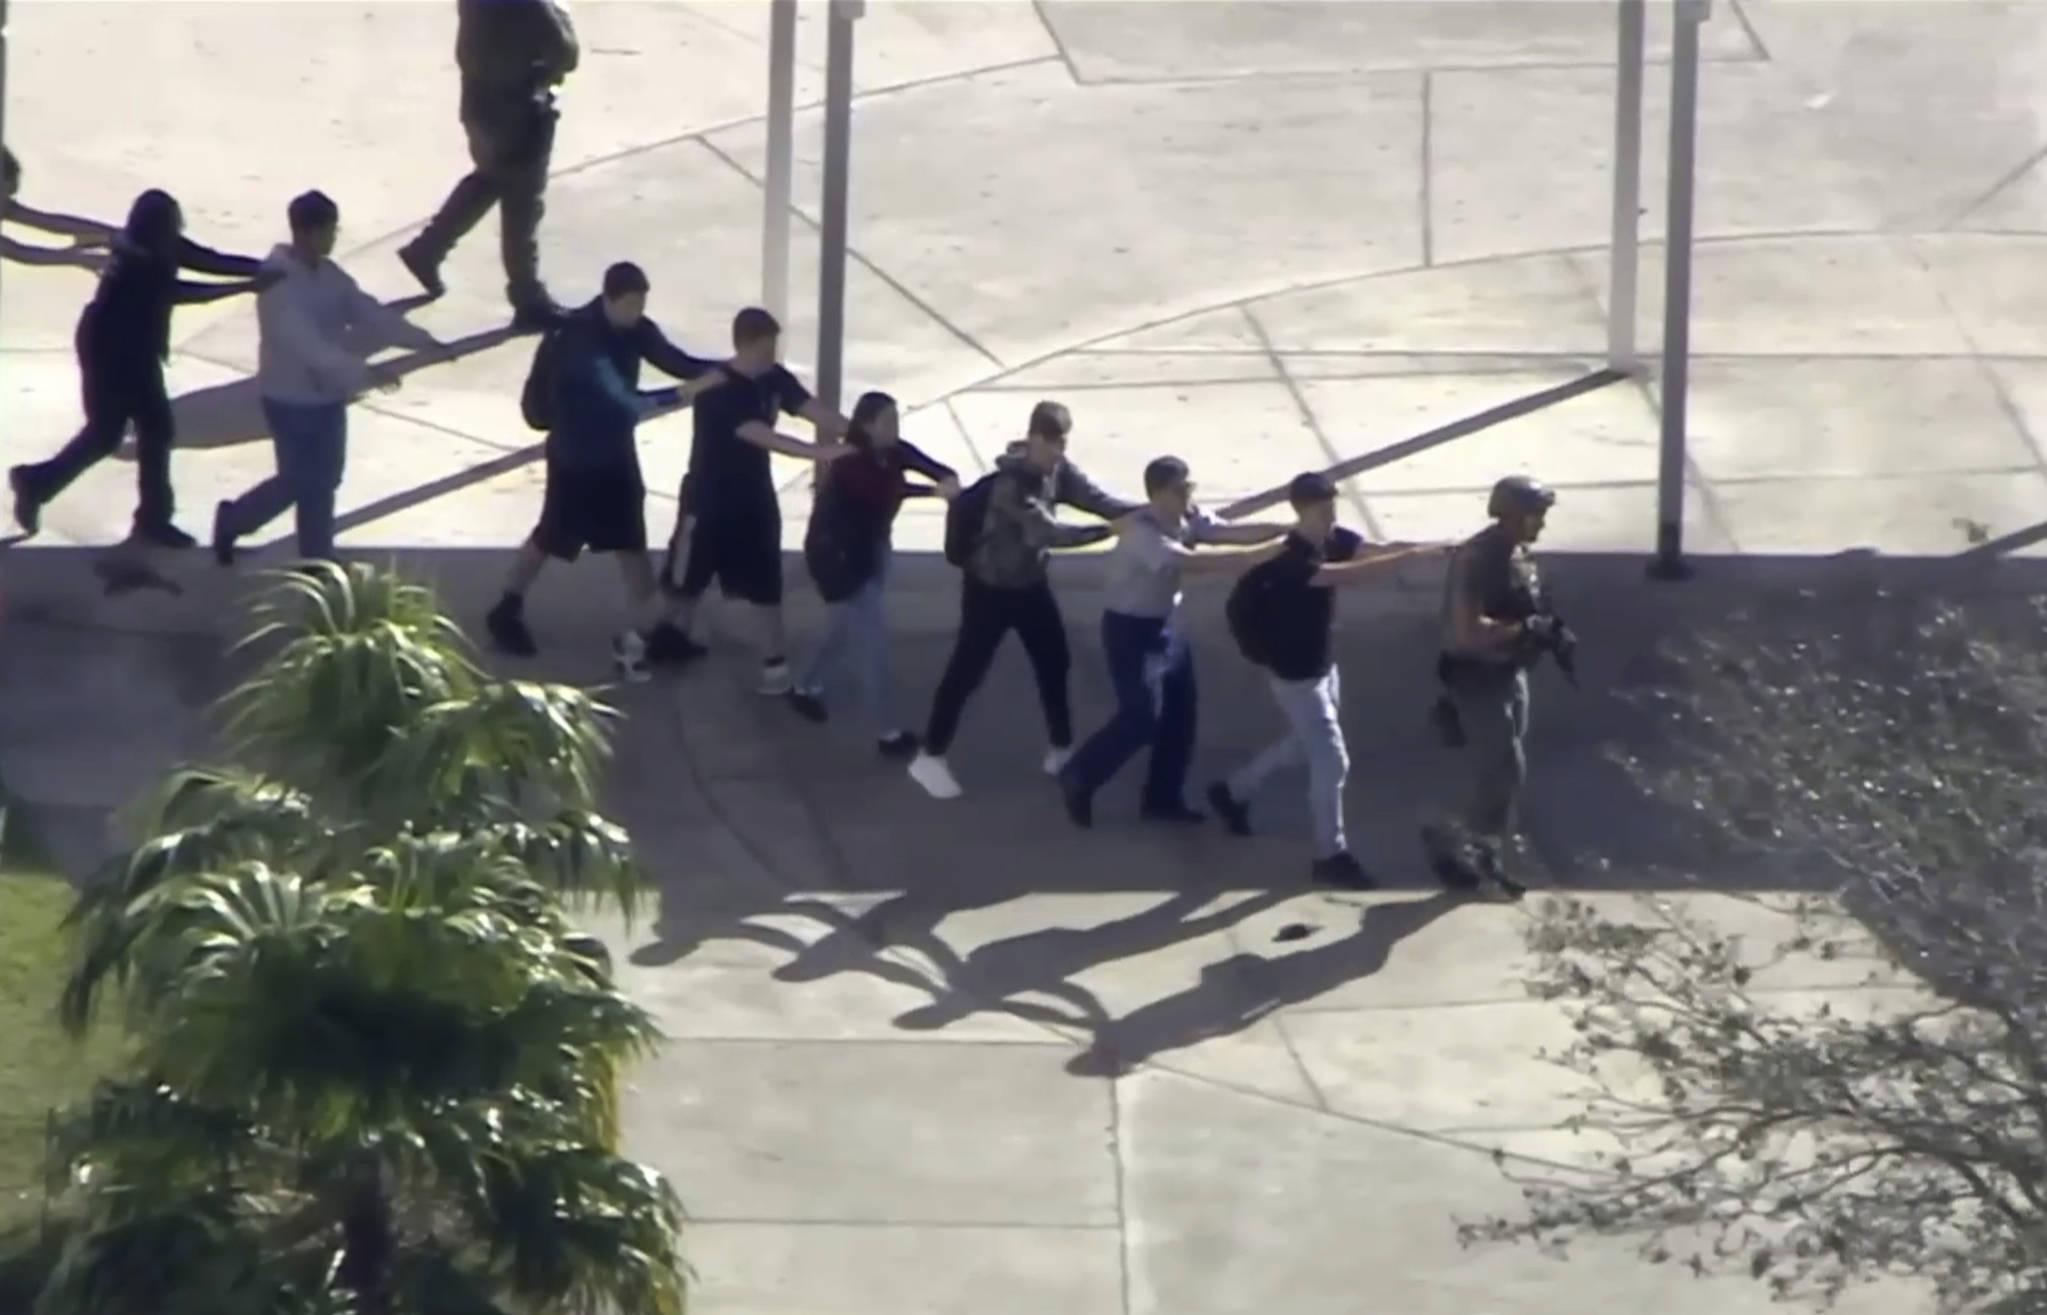 총격 난사 사건이 일어난 마조리 더글라스 고등학교 학생들이 지난 14일(현지시간) 경찰의 보호를 받으며 학교에서 탈출하고 있다. [로이터=연합뉴스]